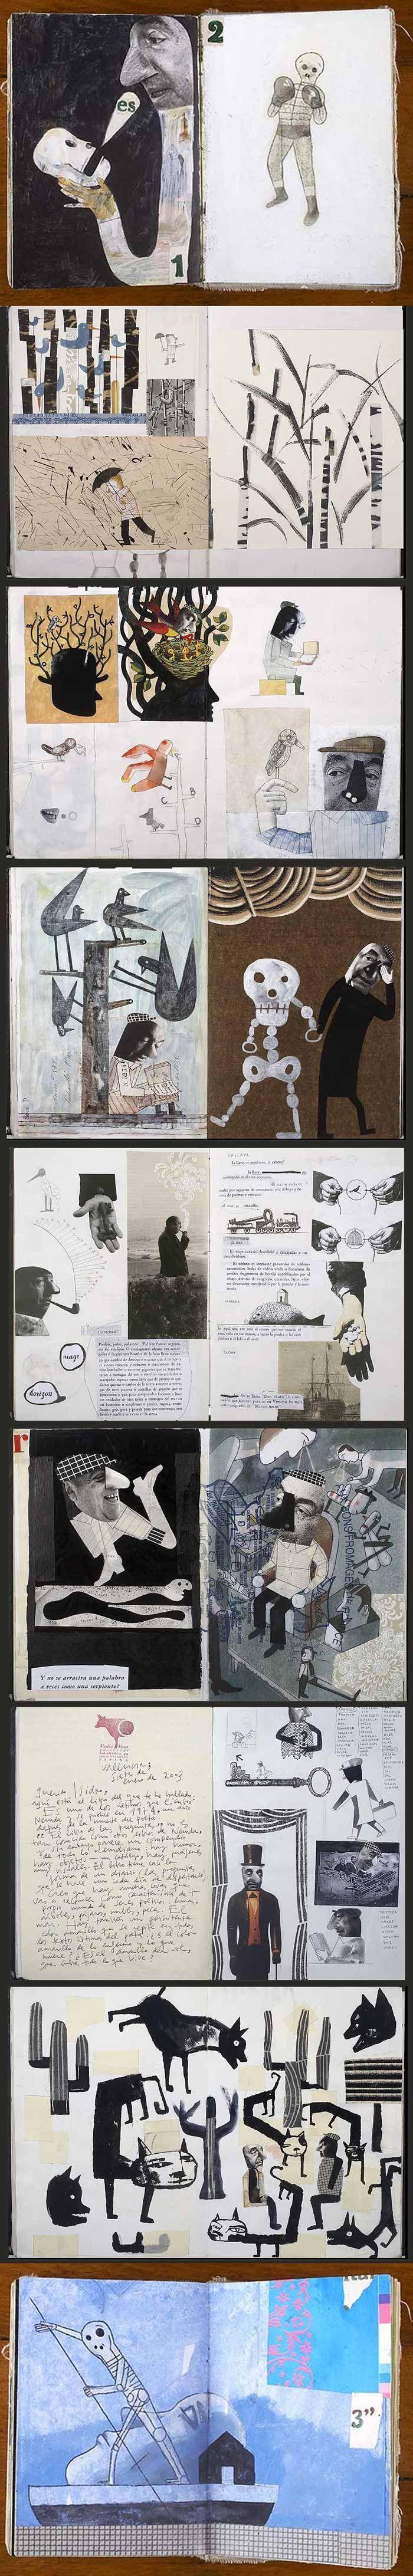 Art Journal/Isidro Ferrer: 2: